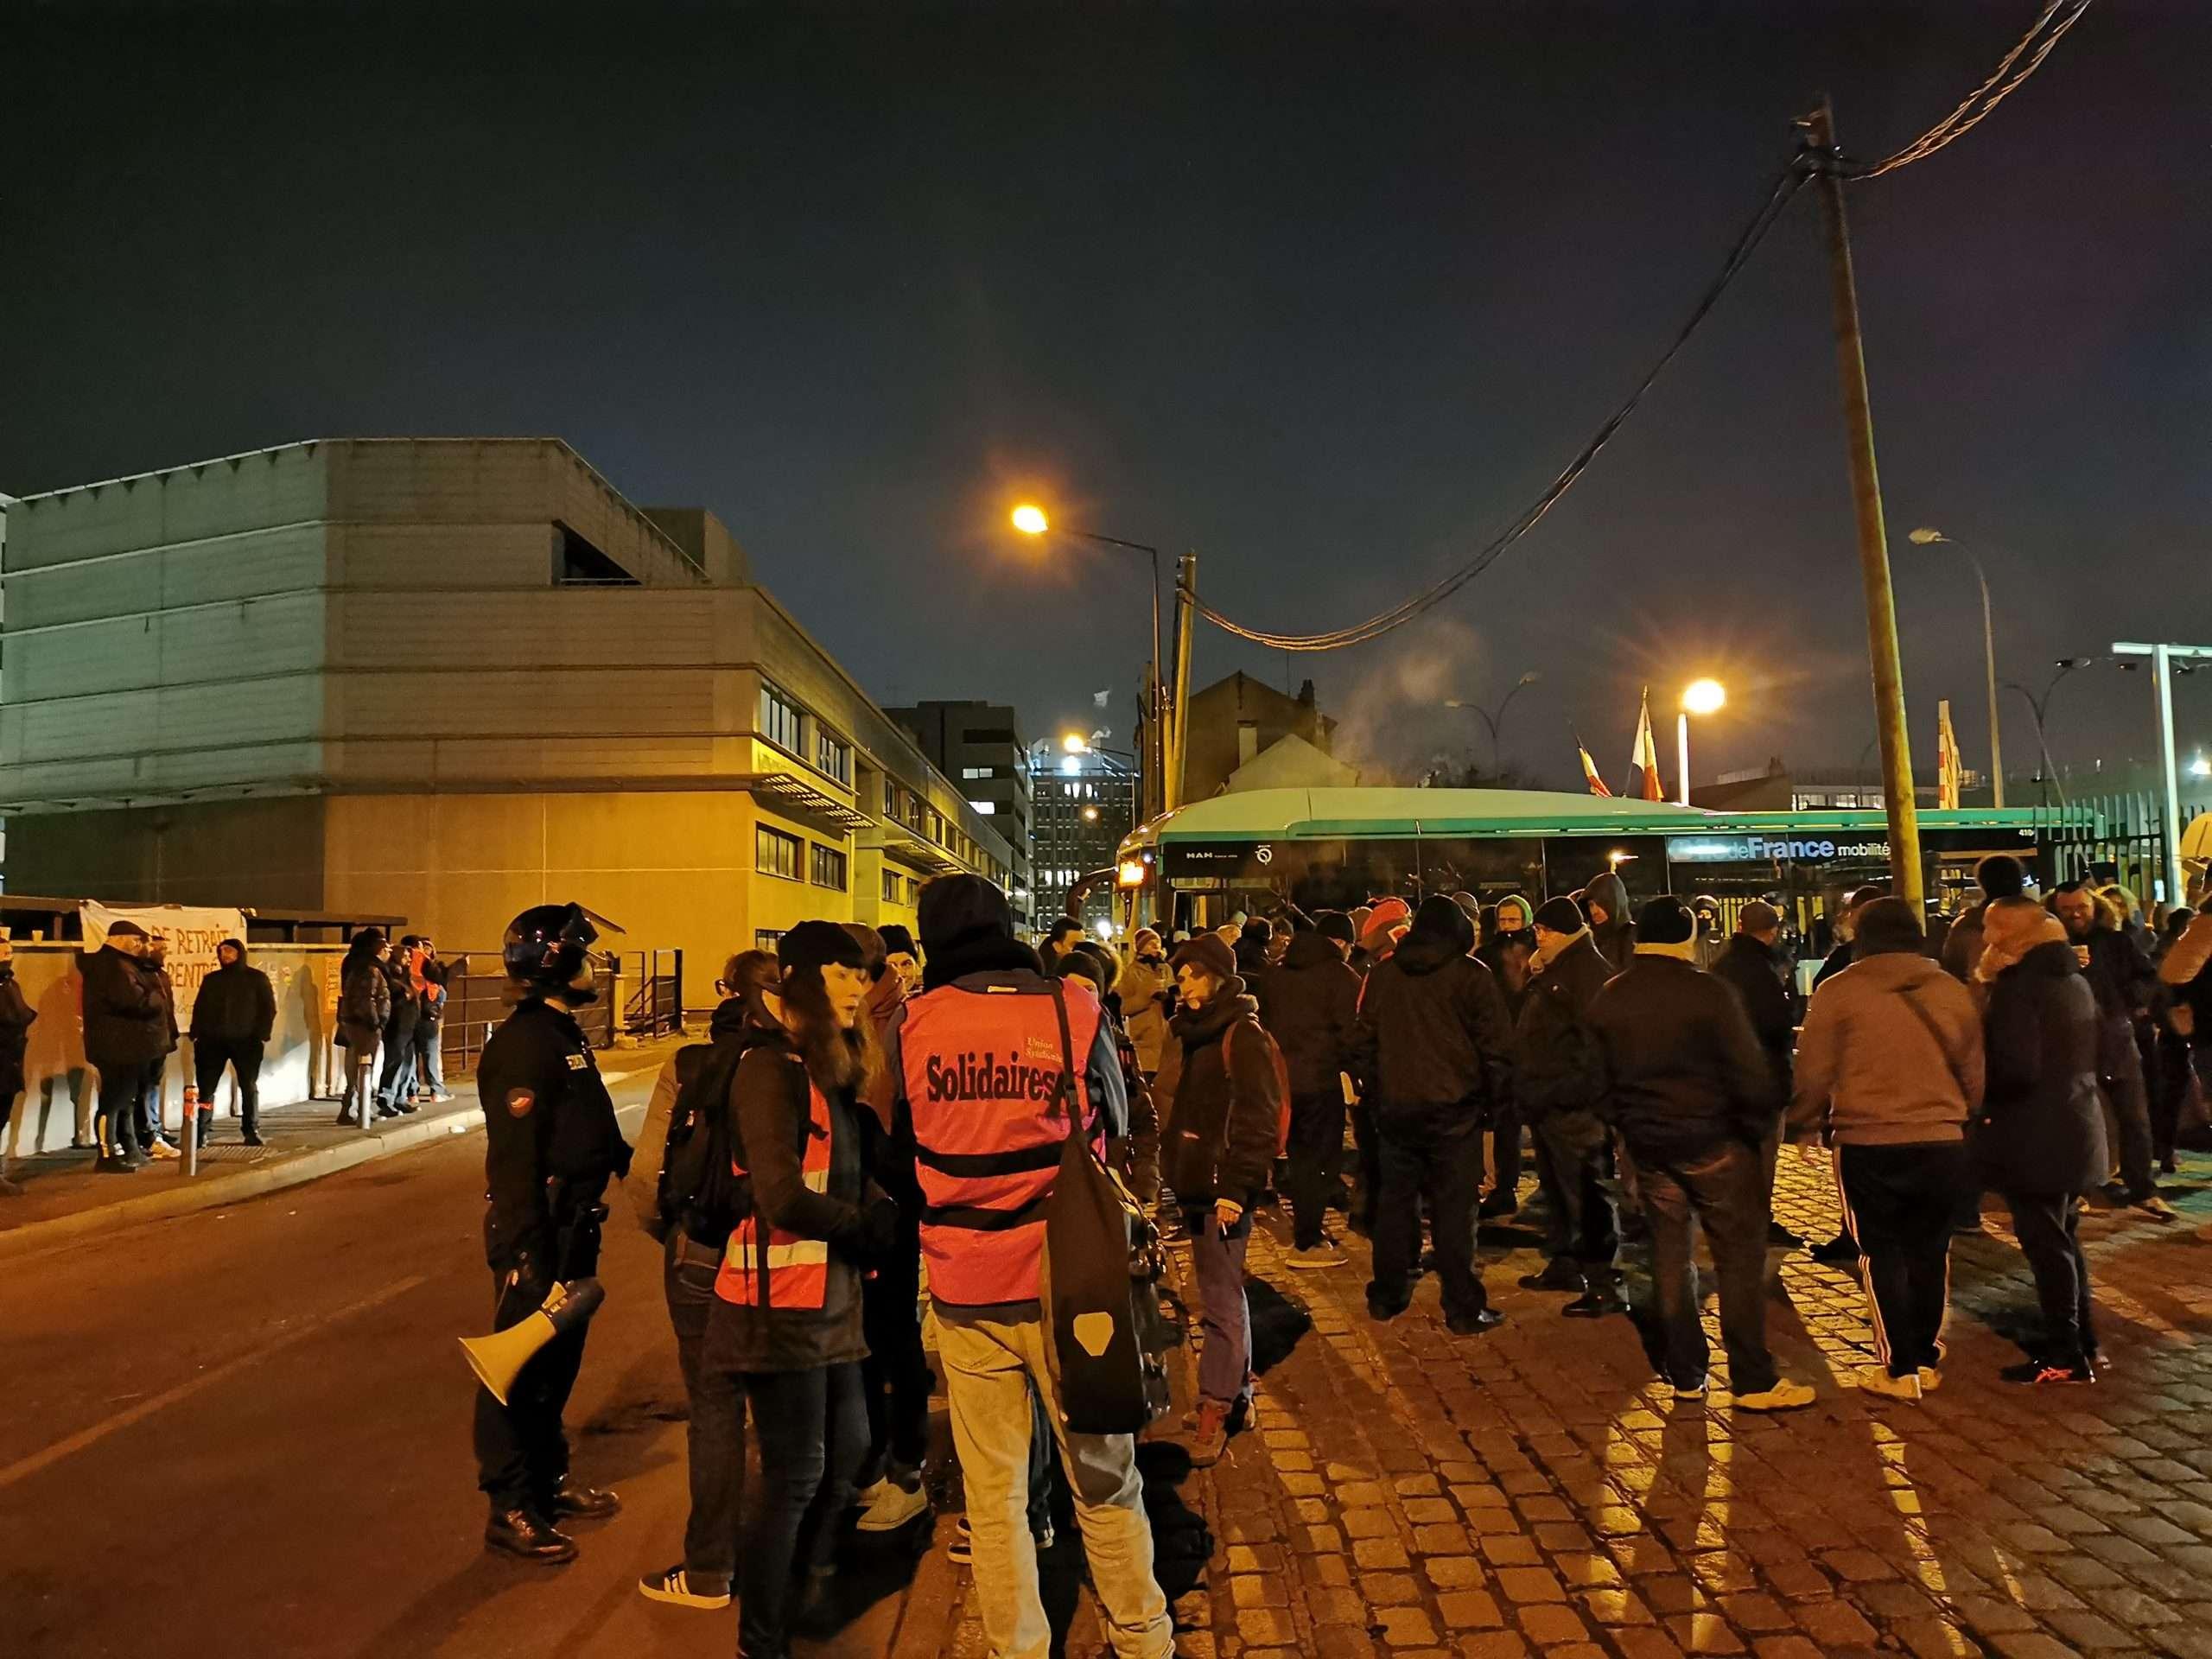 Blocage des dépôts de bus RATP contre la réforme des retraites